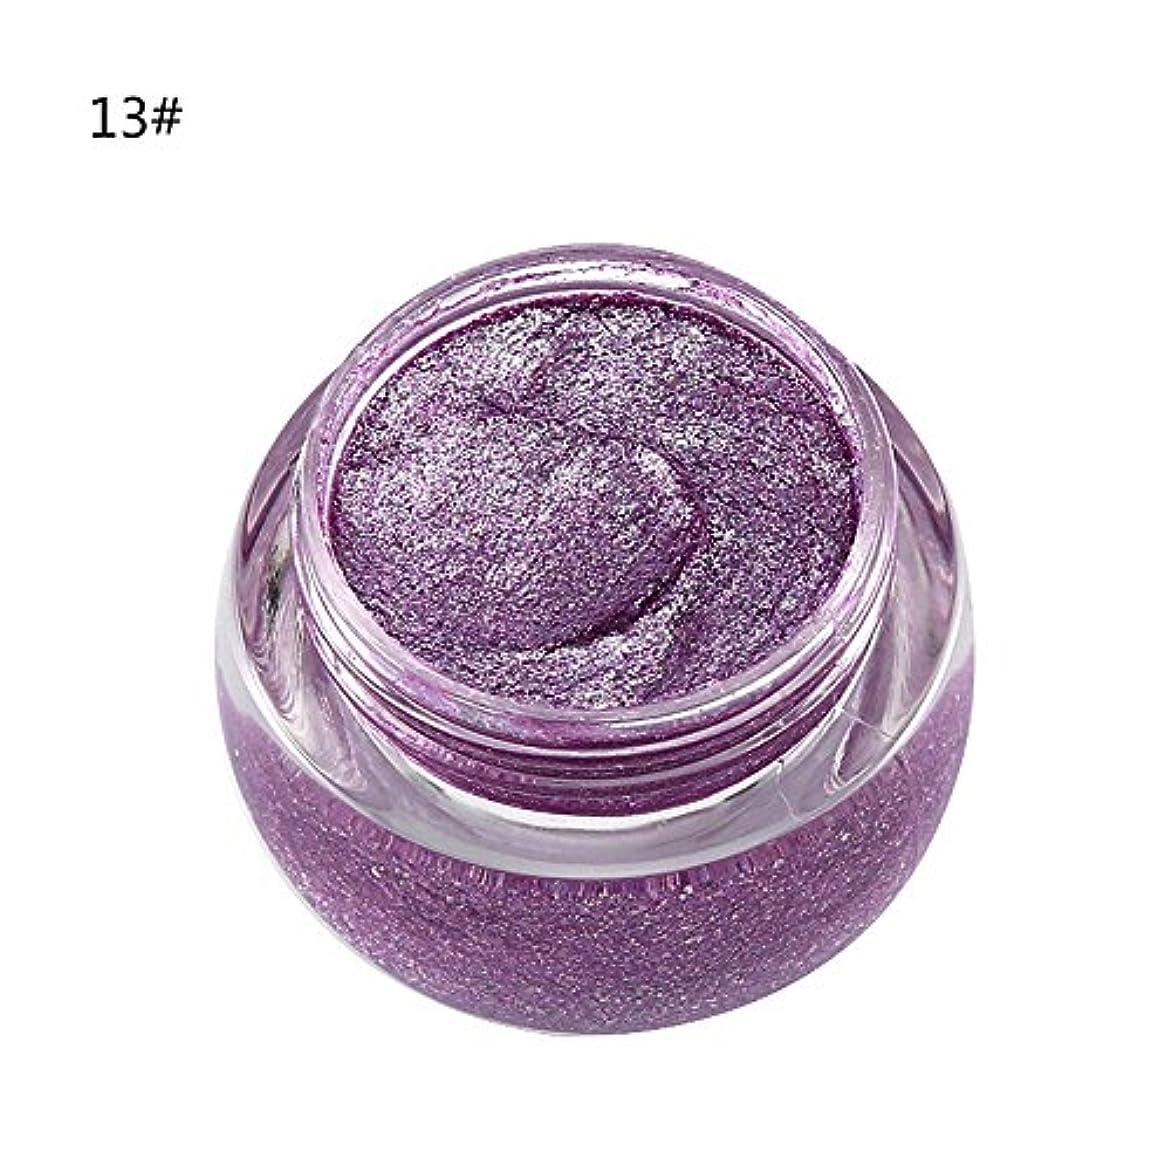 アイシャドウ 単色 化粧品 光沢 保湿 キラキラ 美しい タイプ 13